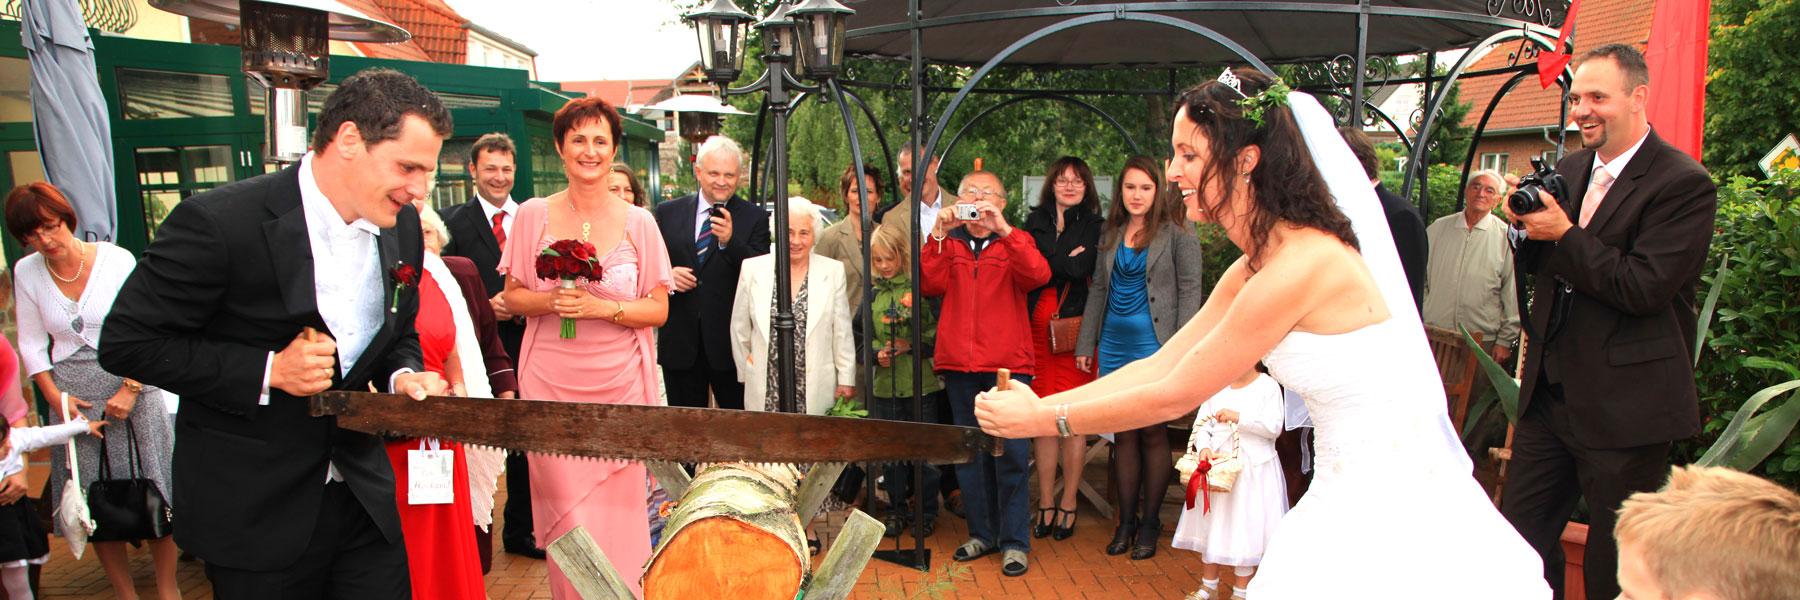 Hochzeit - Kur- und Landhotel Borstel-Treff